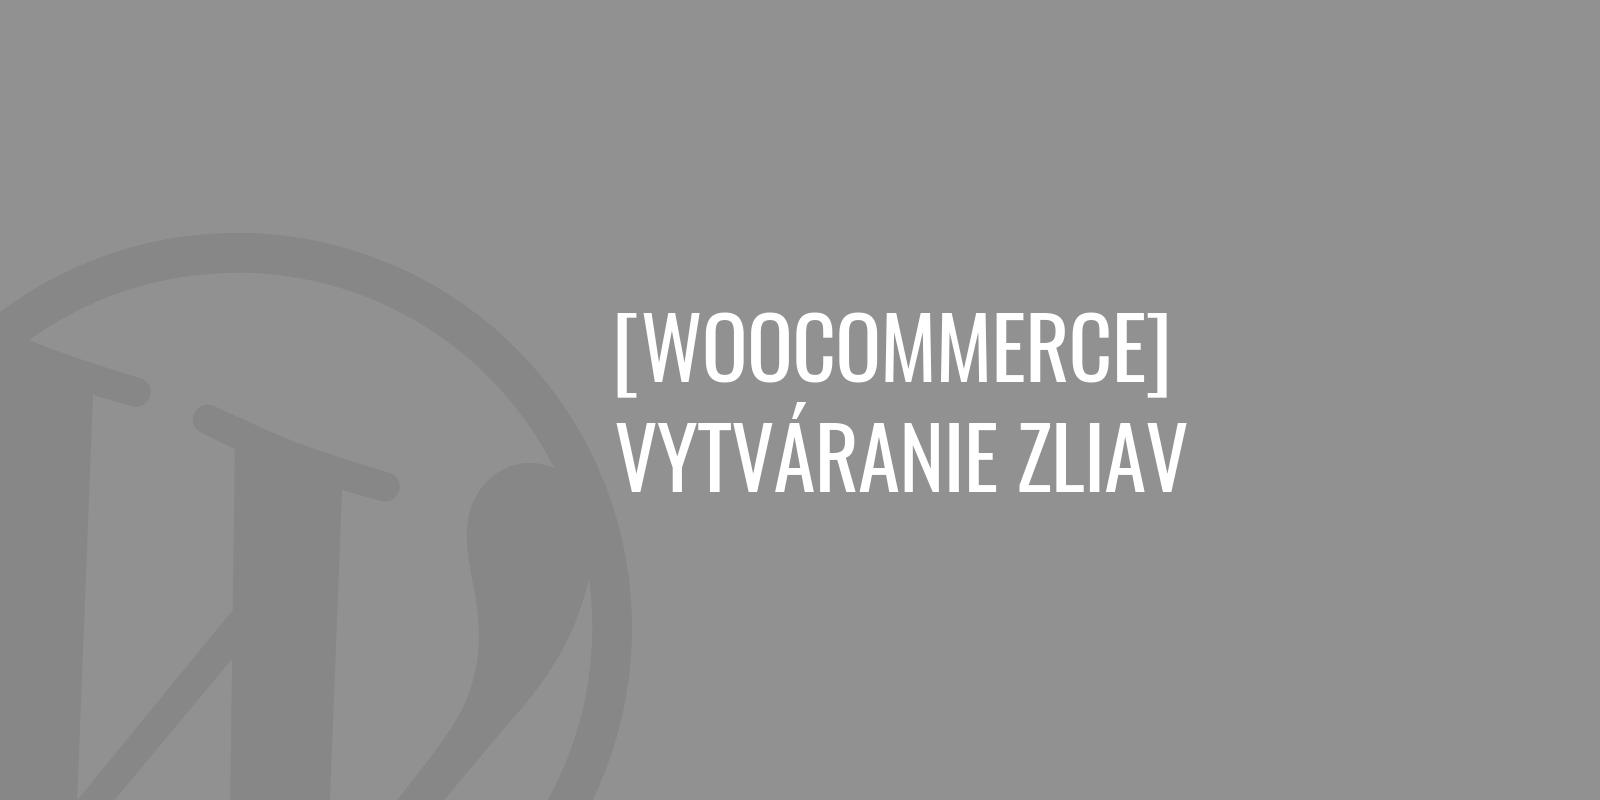 WooCommerce vytváranie zliav